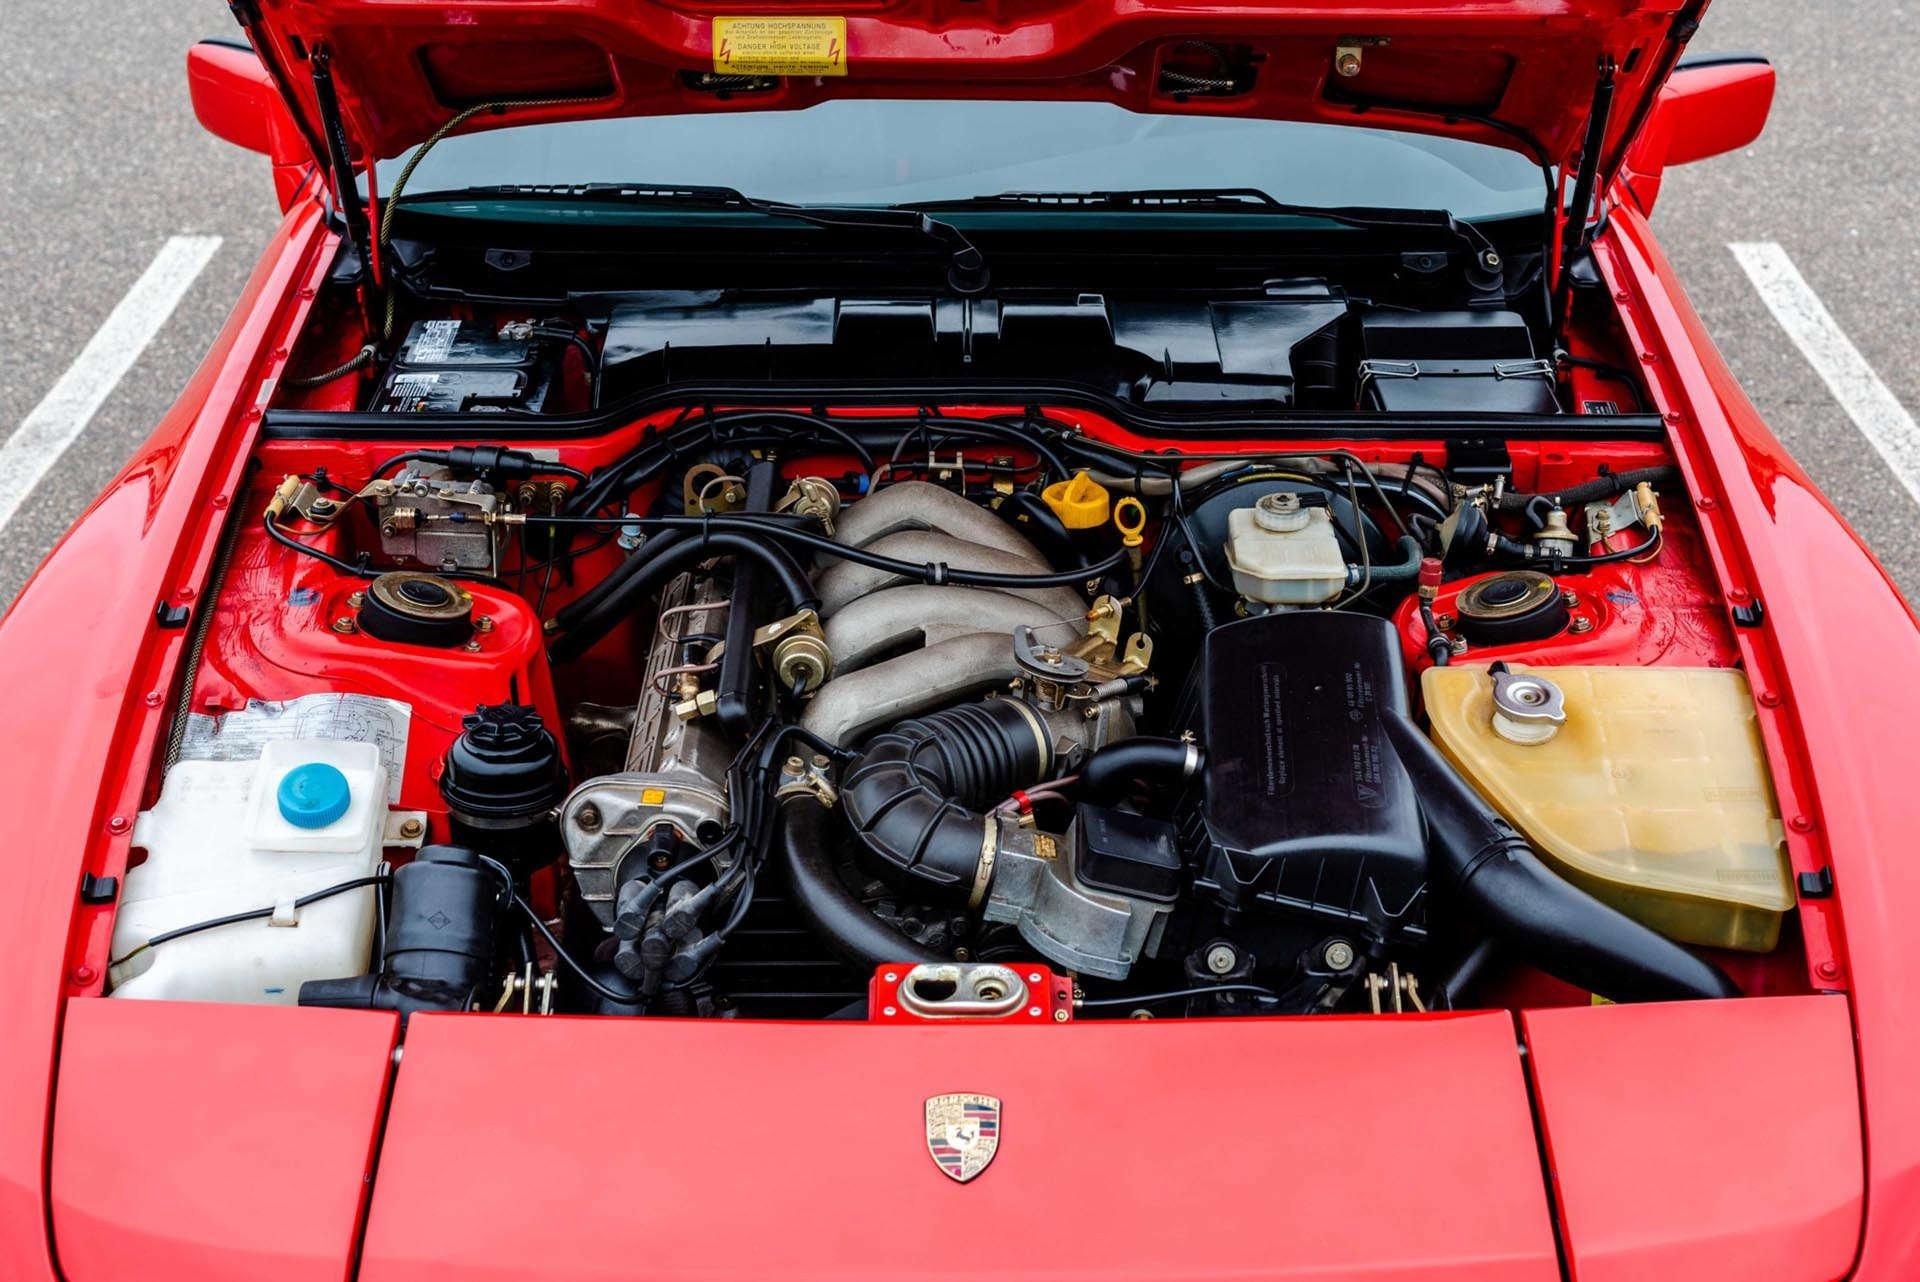 03_Porsche 944 engine